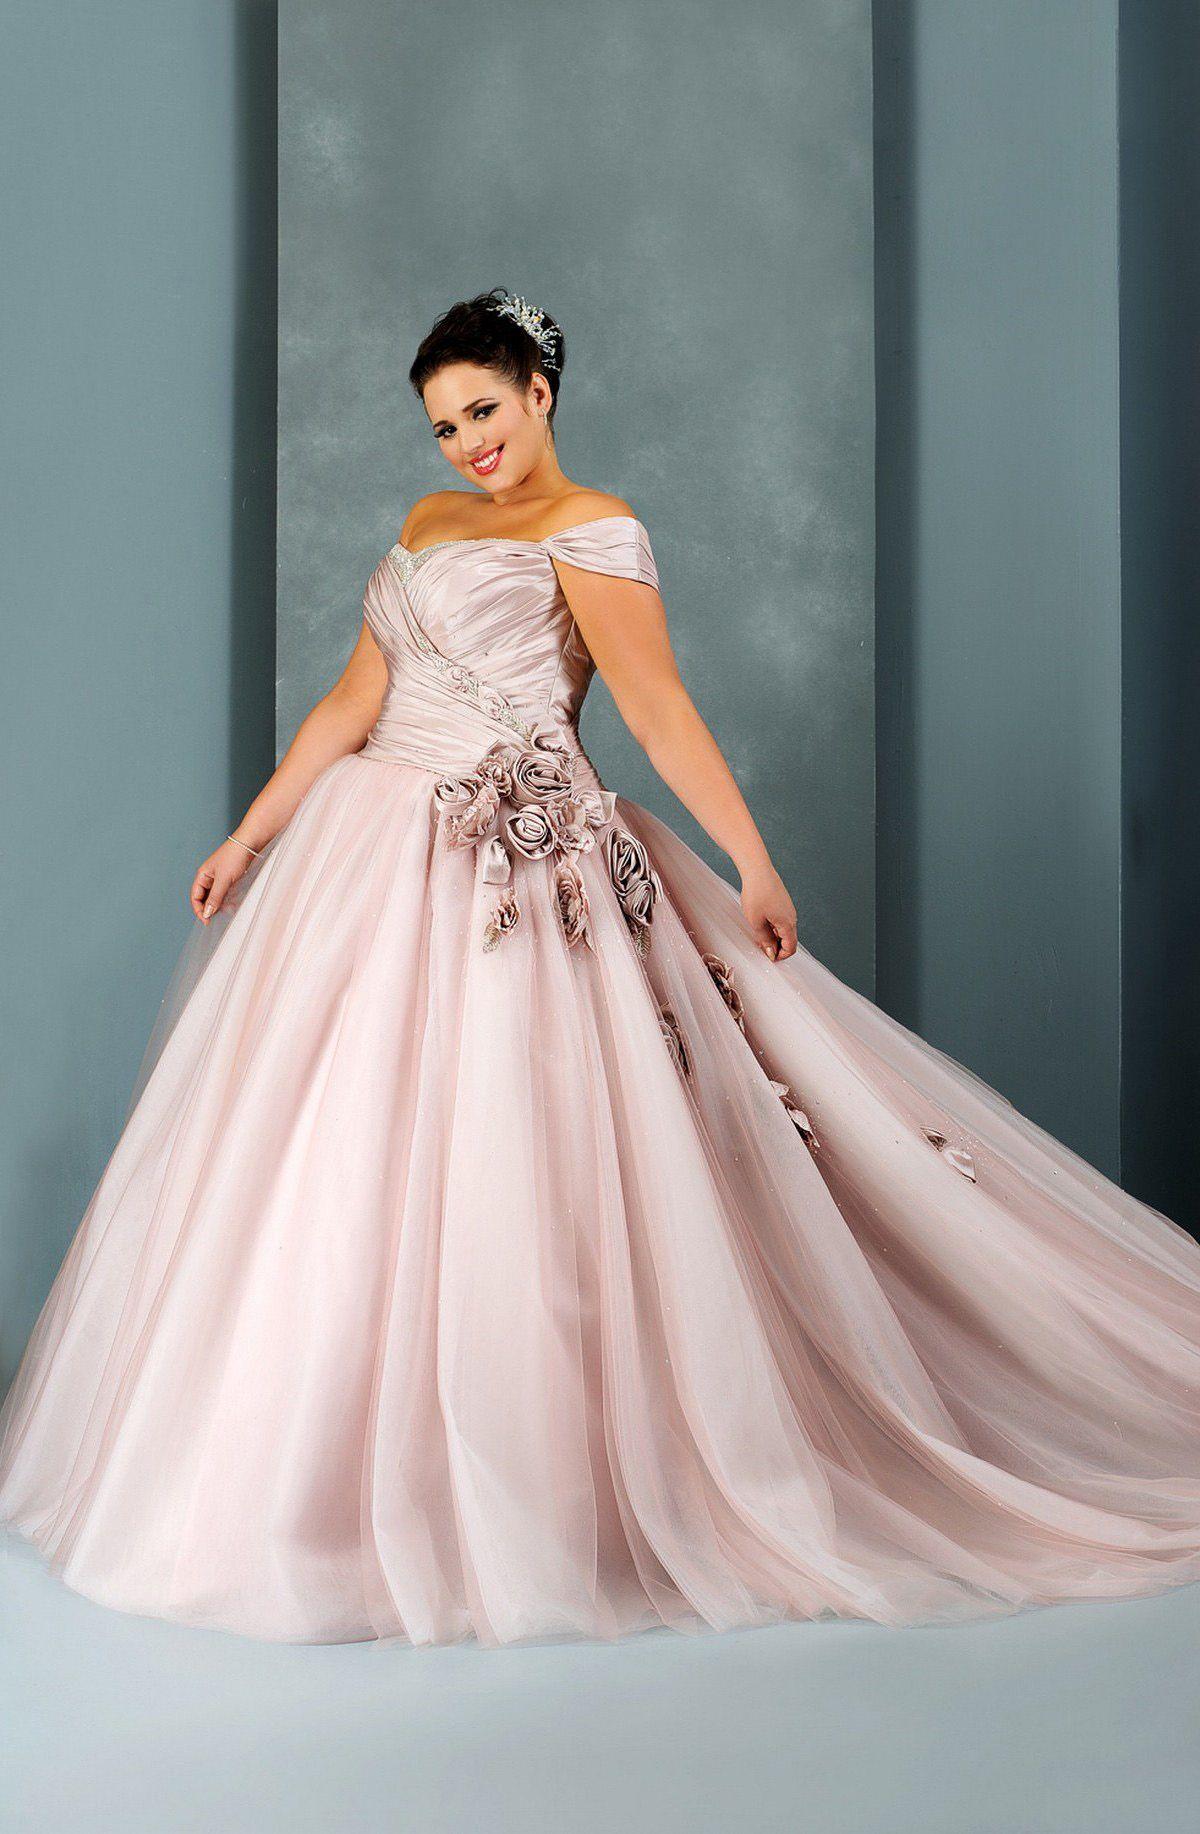 weddings #plussizebrides #plussize #ballgowns #brides ...